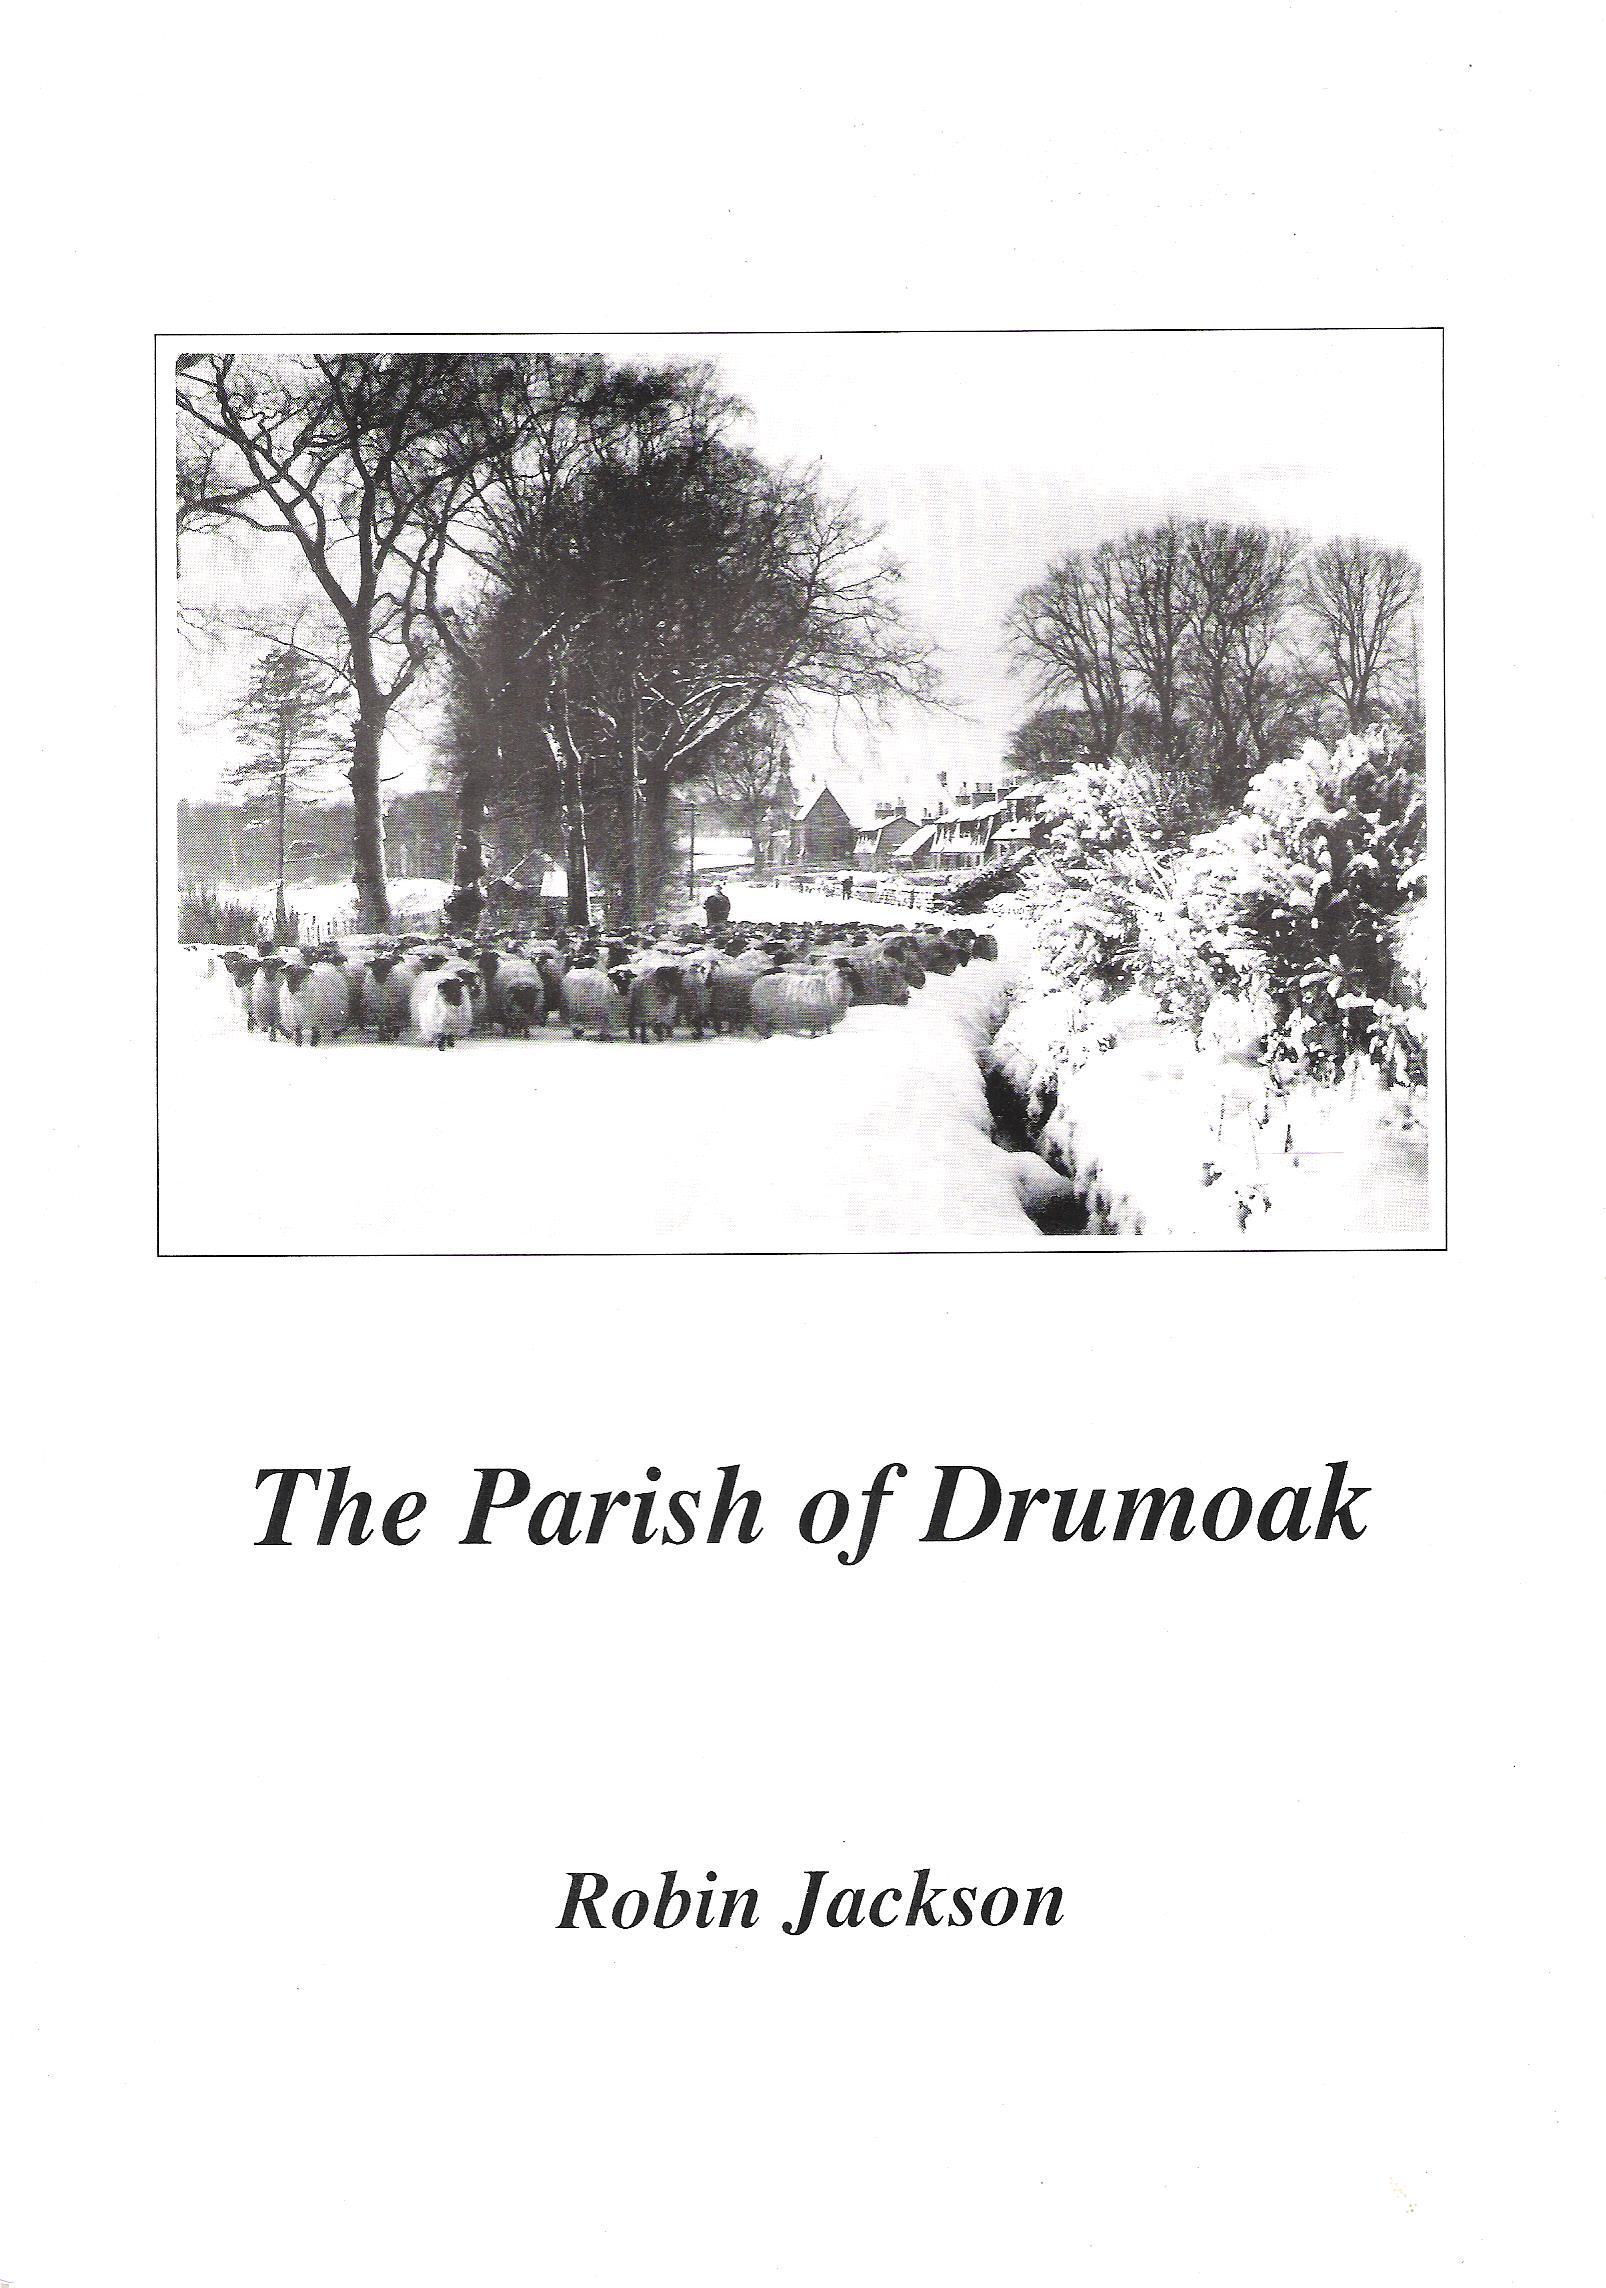 The Parish of Drumoak.